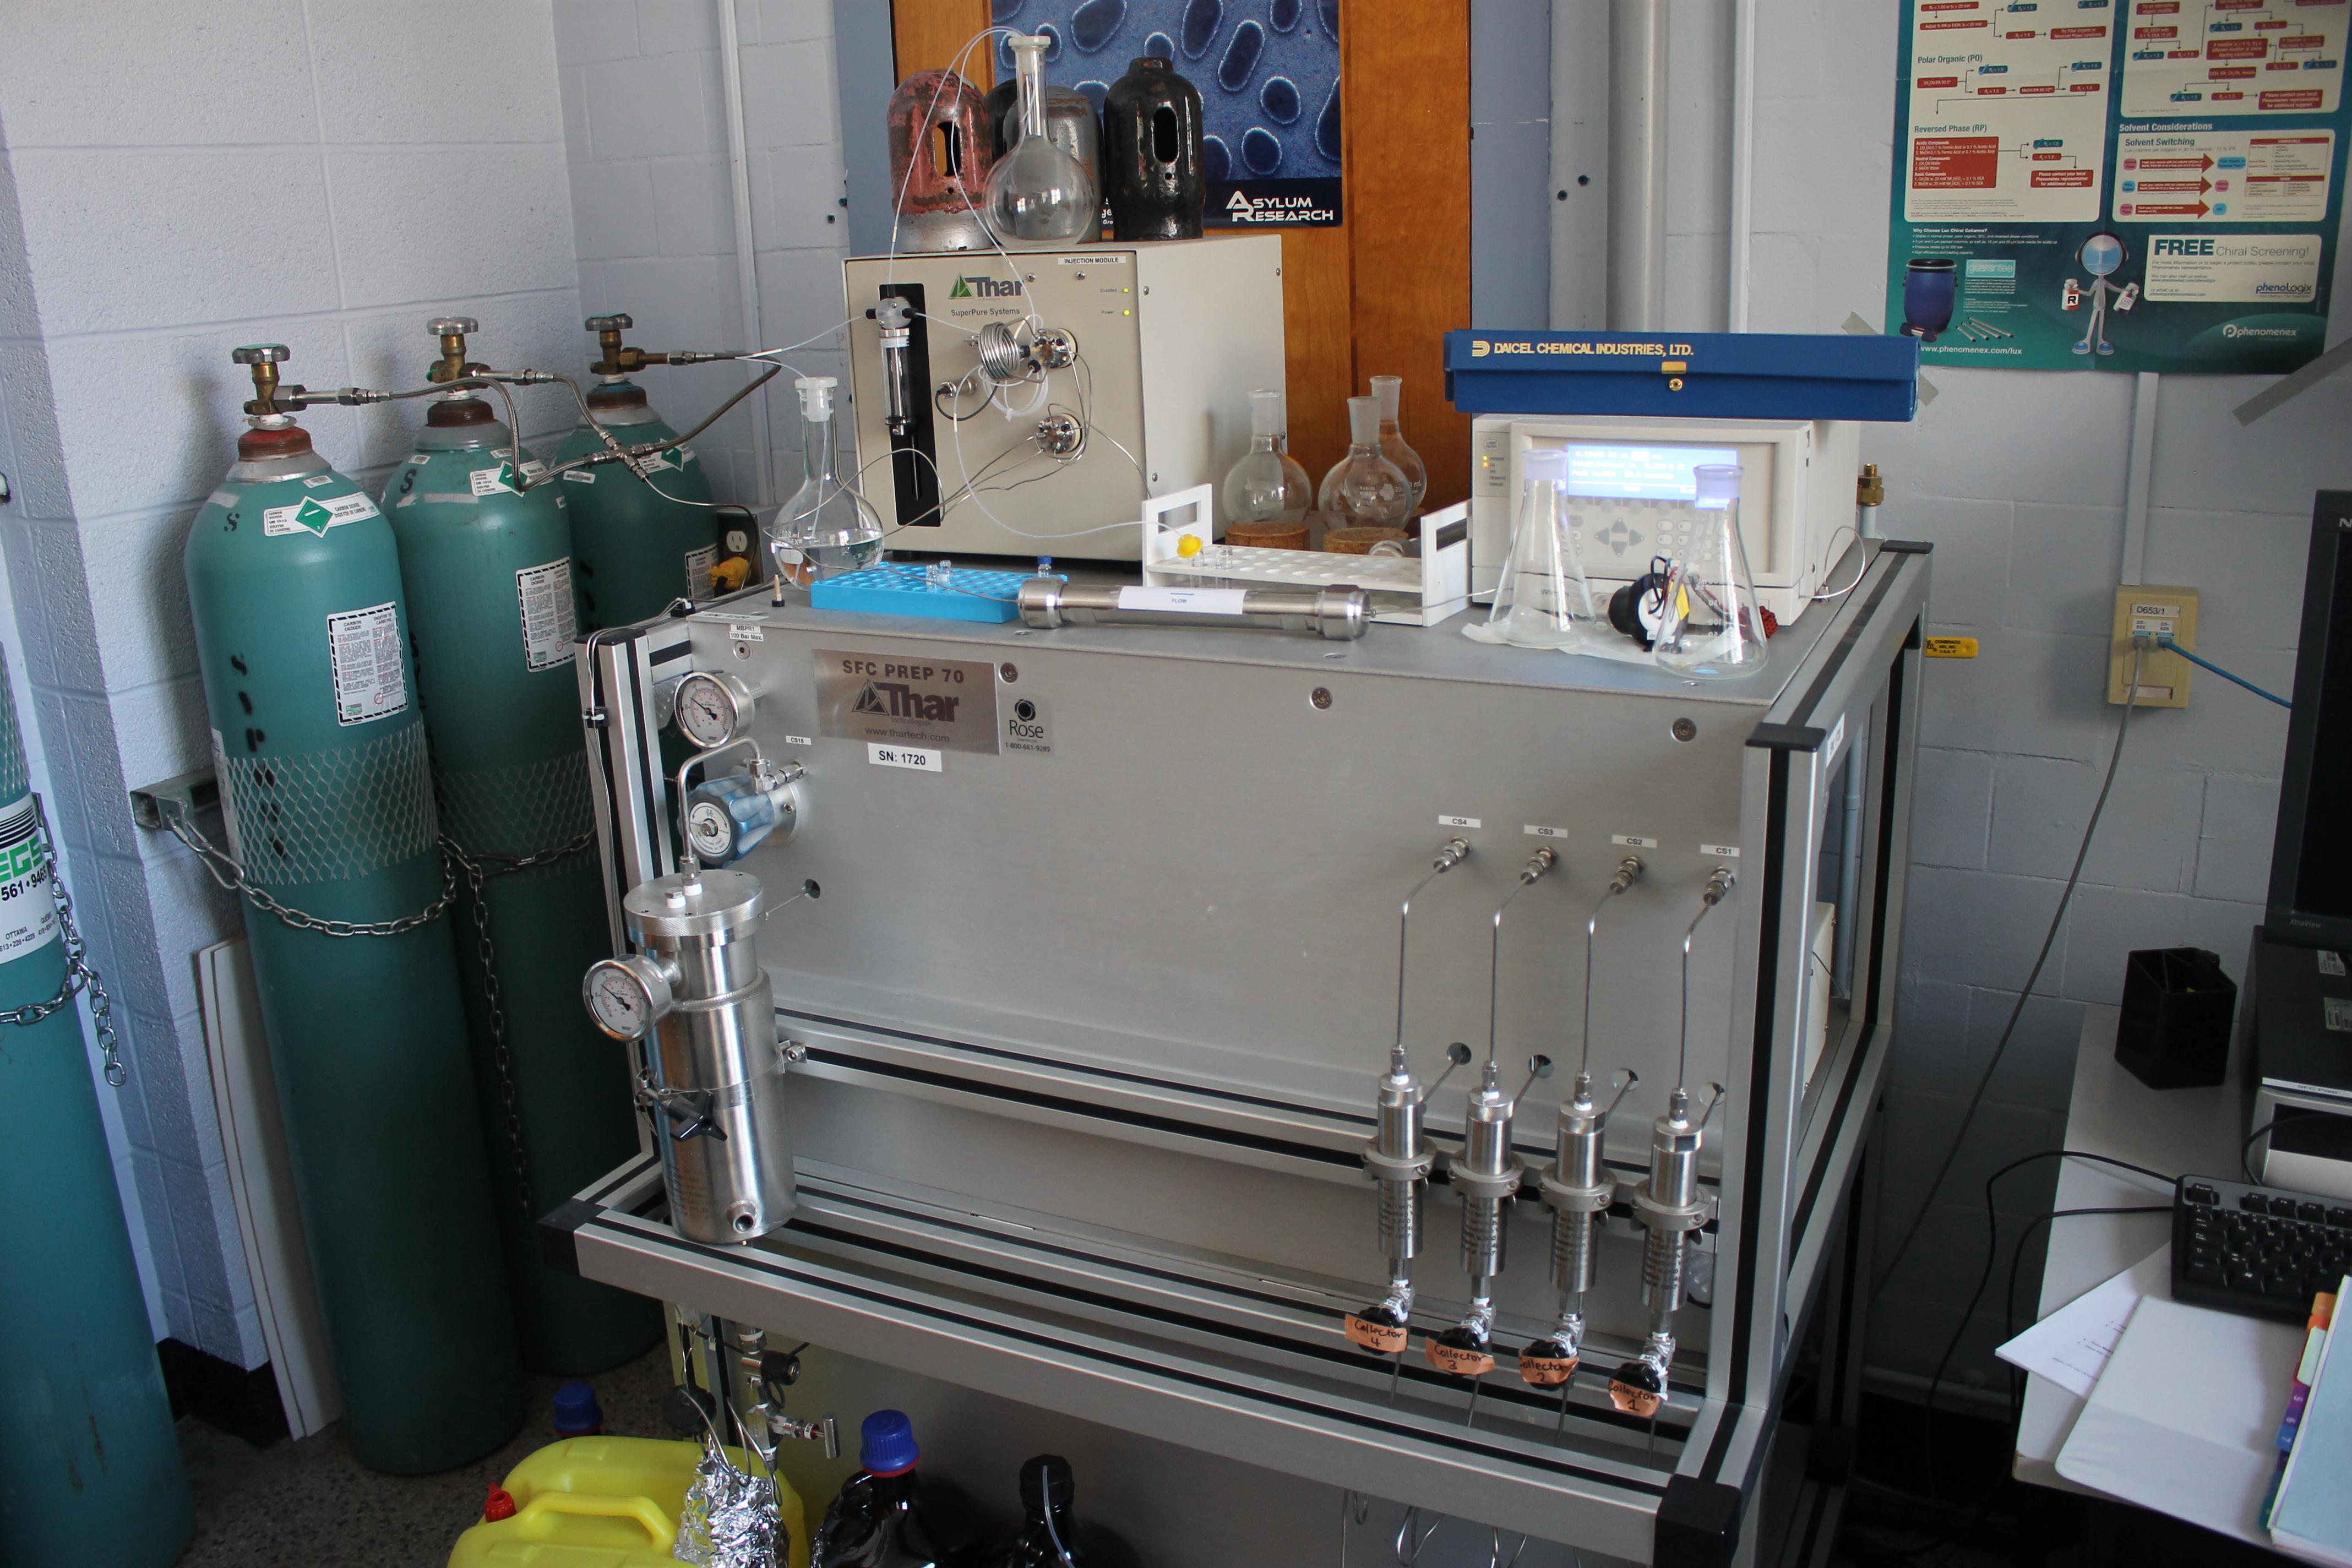 Incursion dans les laboratoires de chimie en compagnie de chercheur.ses de profession